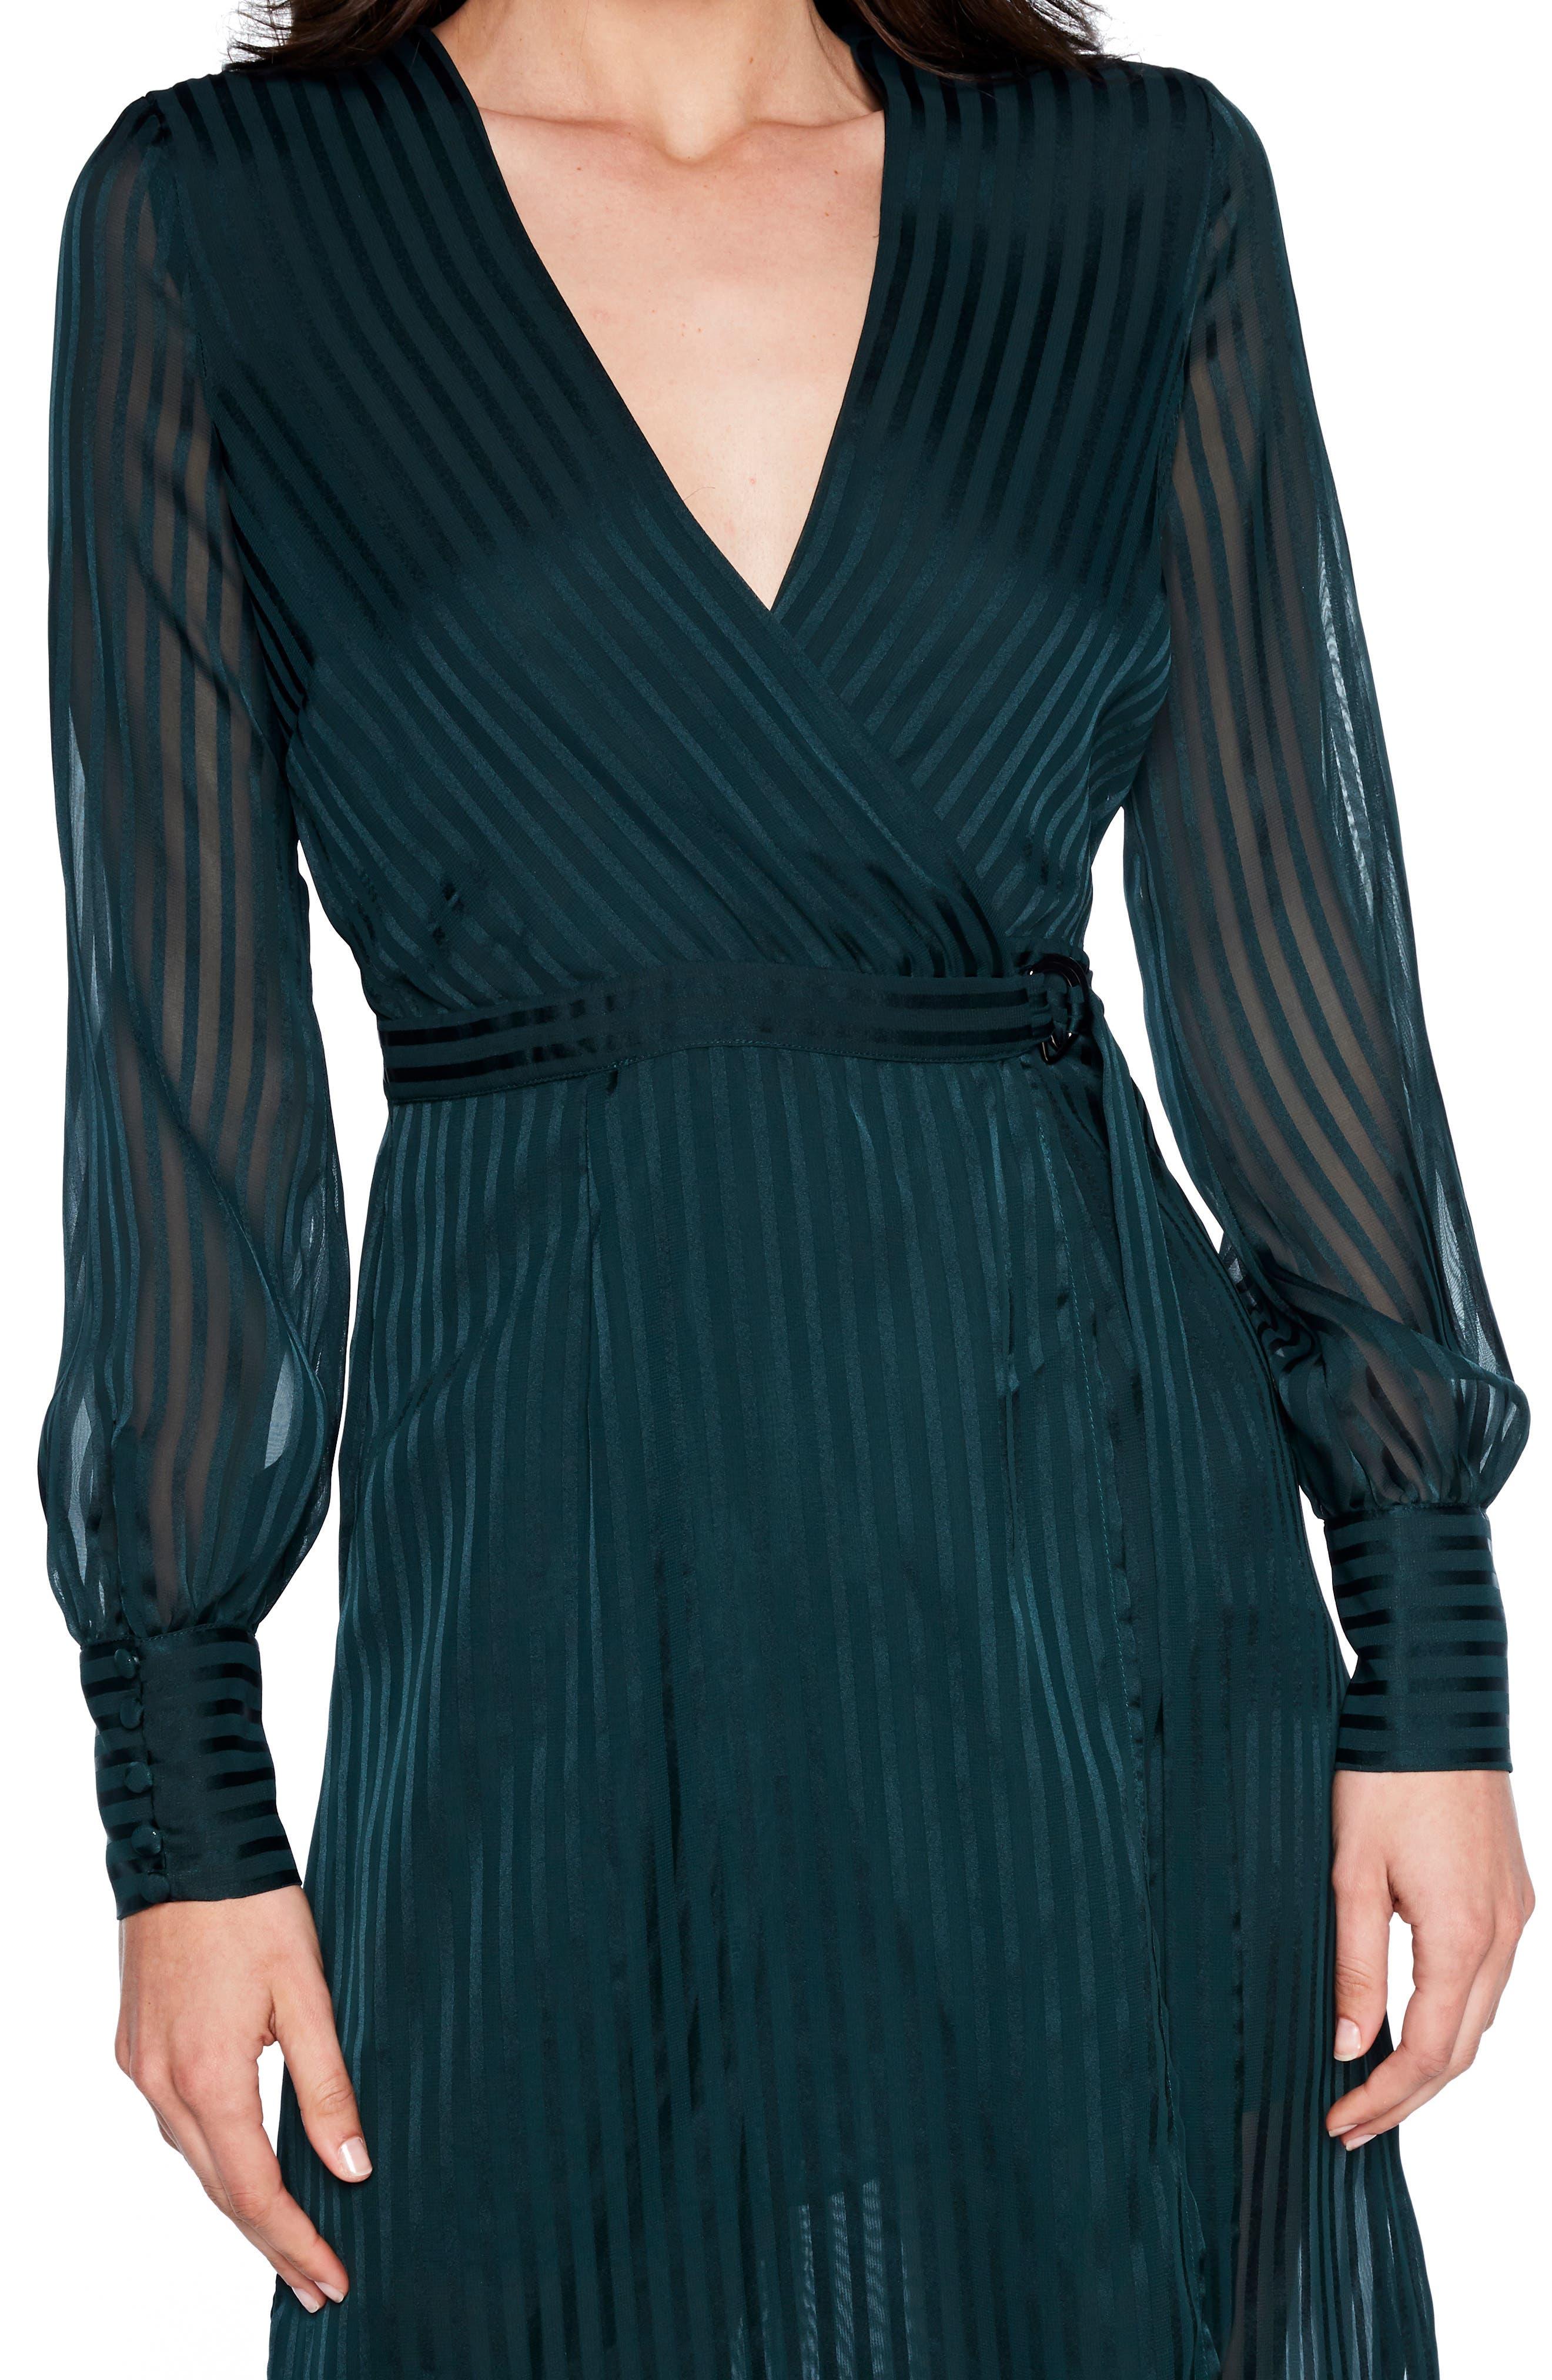 BARDOT, Shadow Stripe Faux Wrap Midi Dress, Alternate thumbnail 4, color, 309